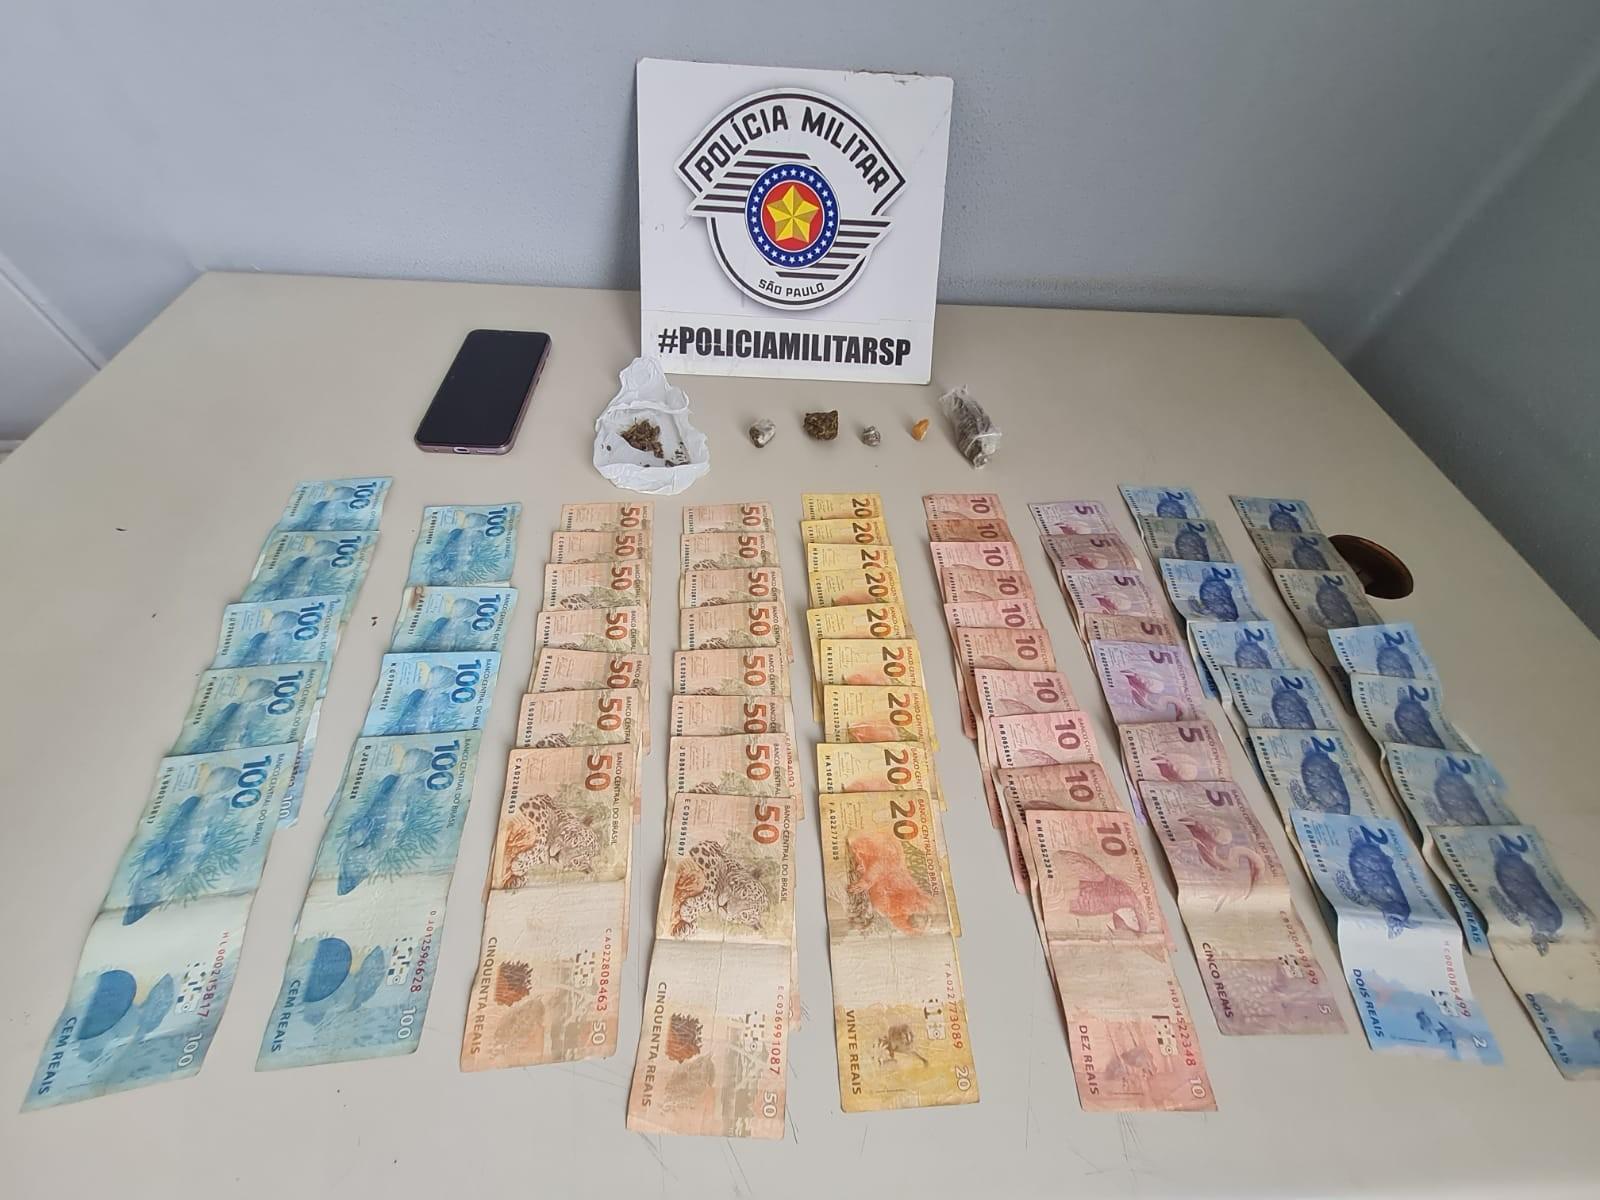 Motociclista é flagrado com drogas e quase R$ 2 mil no bolso, confessa tráfico e acaba preso em Presidente Prudente